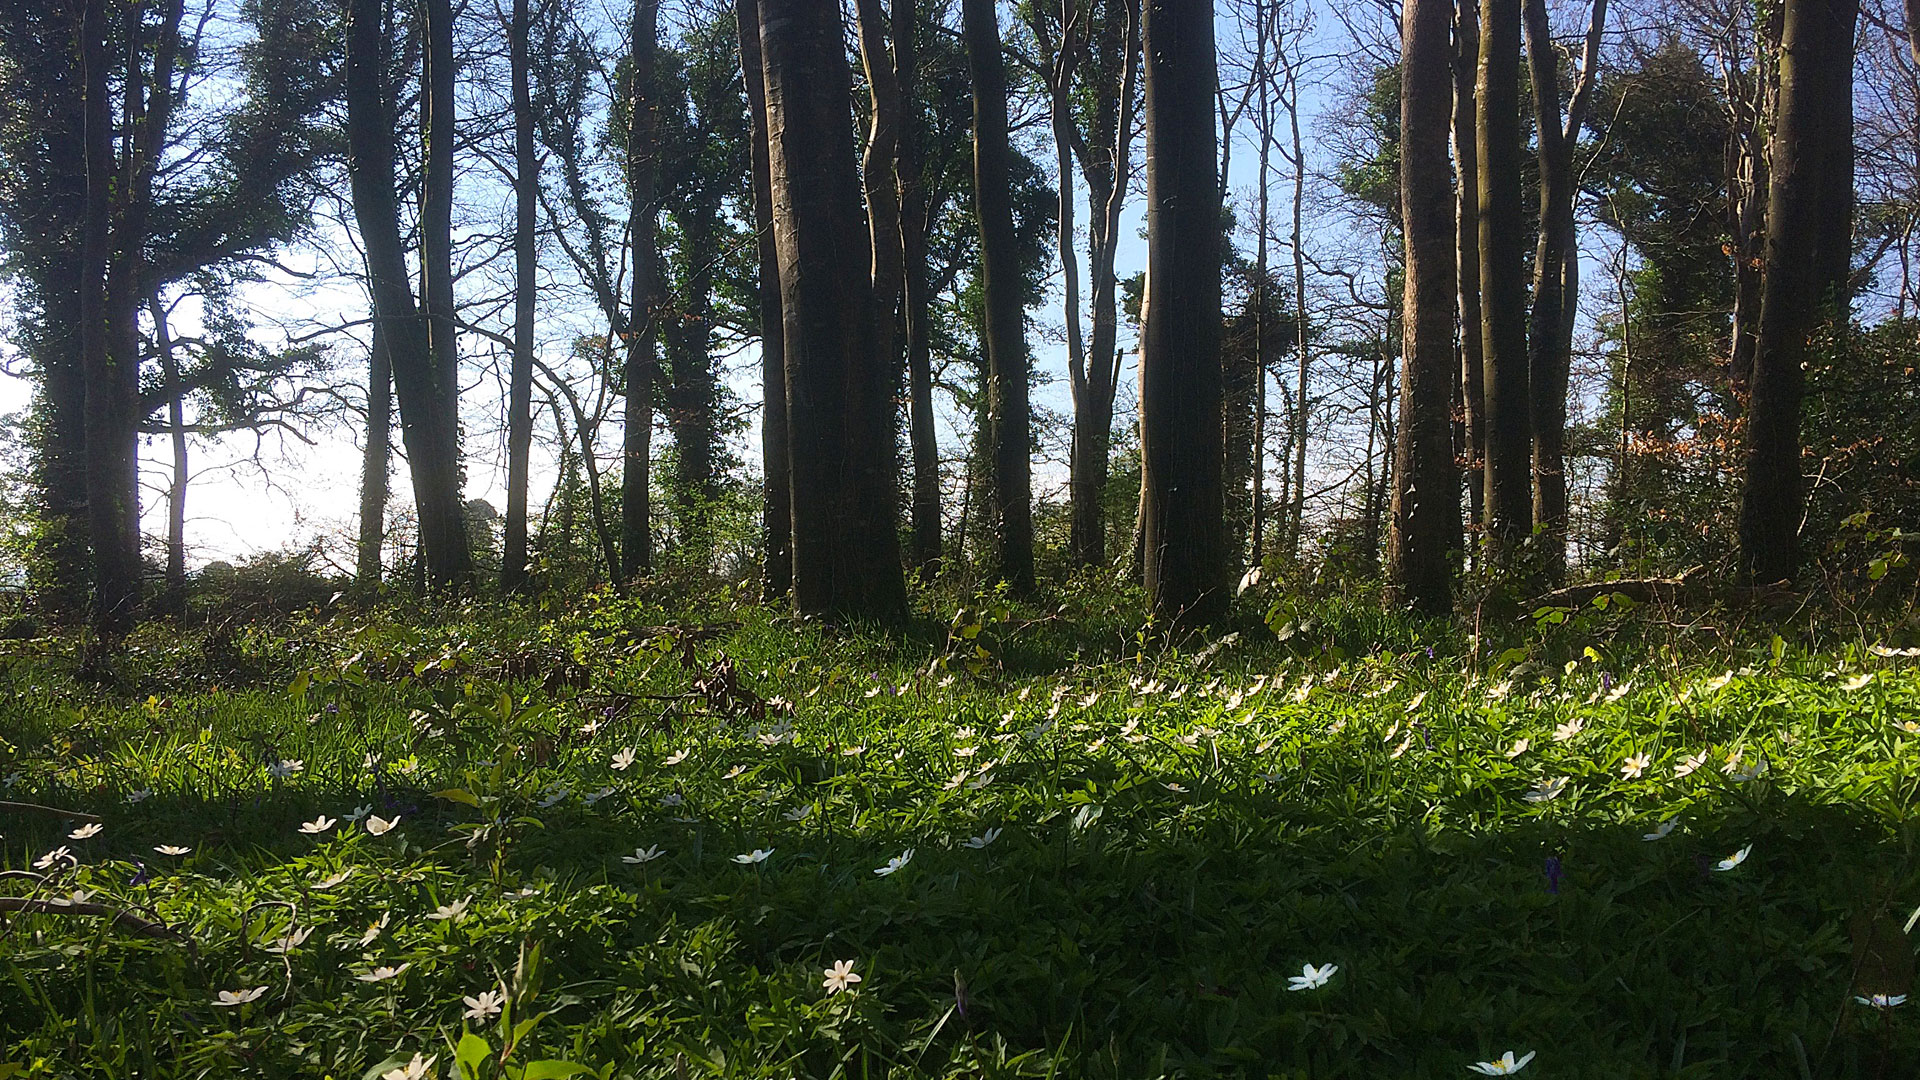 Capponellan Wood Durrow – April 8th 2017